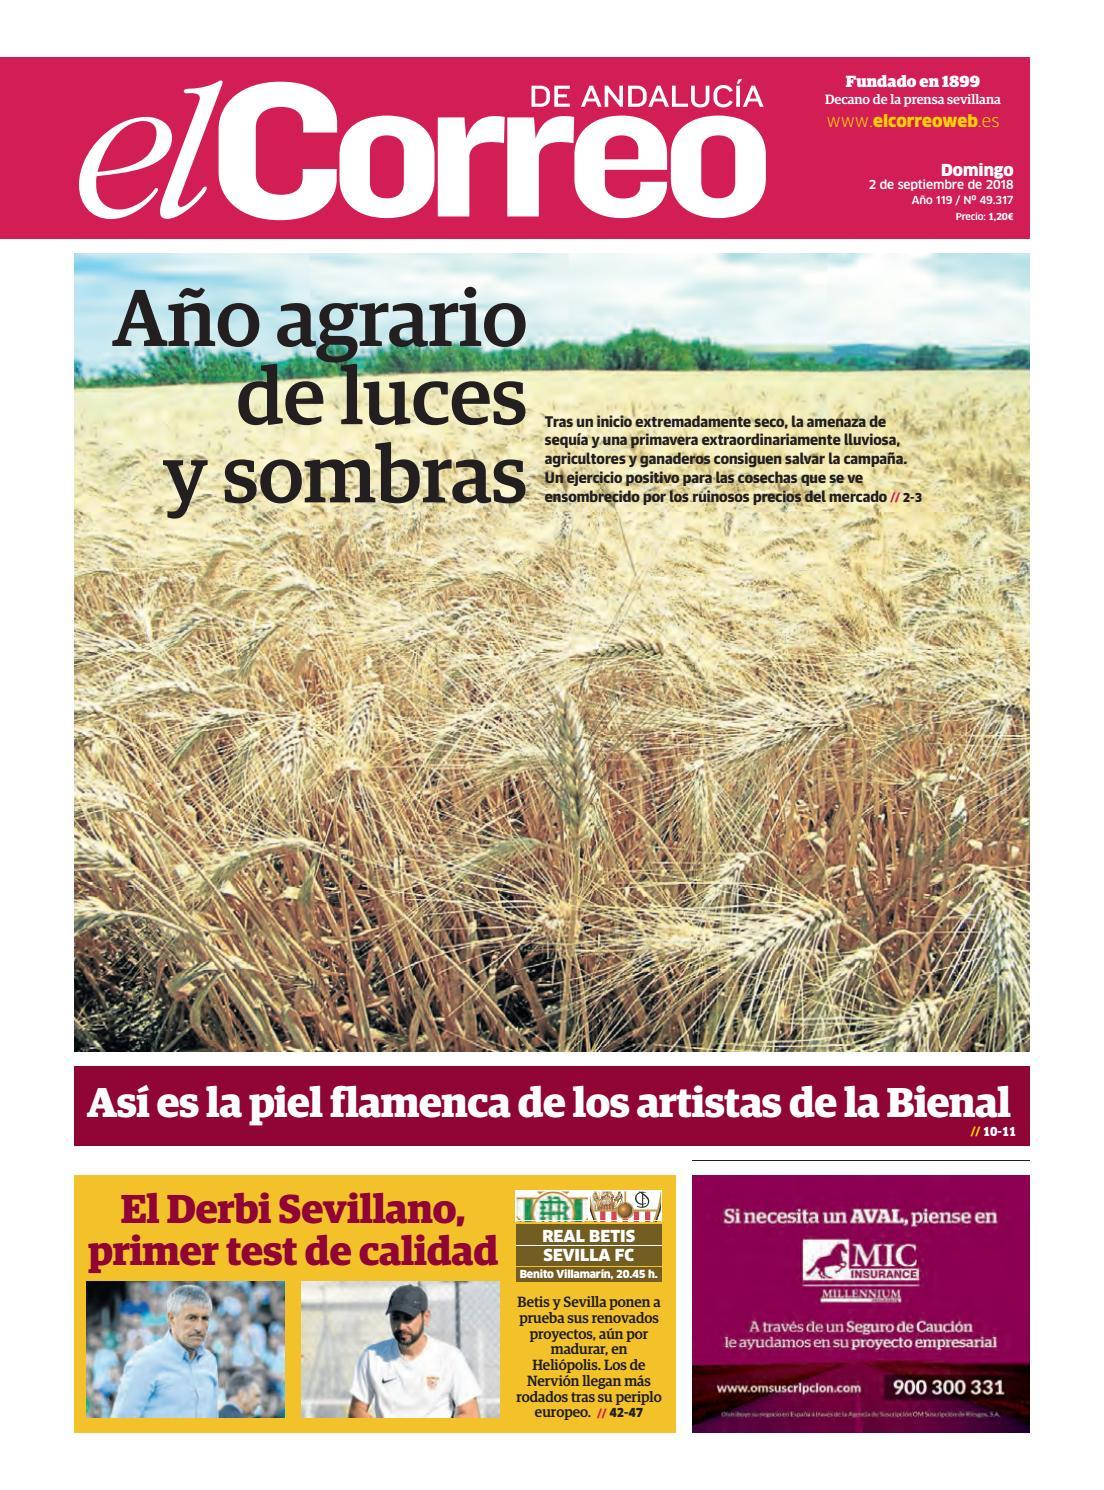 02.09.2018 El Correo de Andalucía by EL CORREO DE ANDALUCÍA S.L. - issuu 7f3329032c4f9